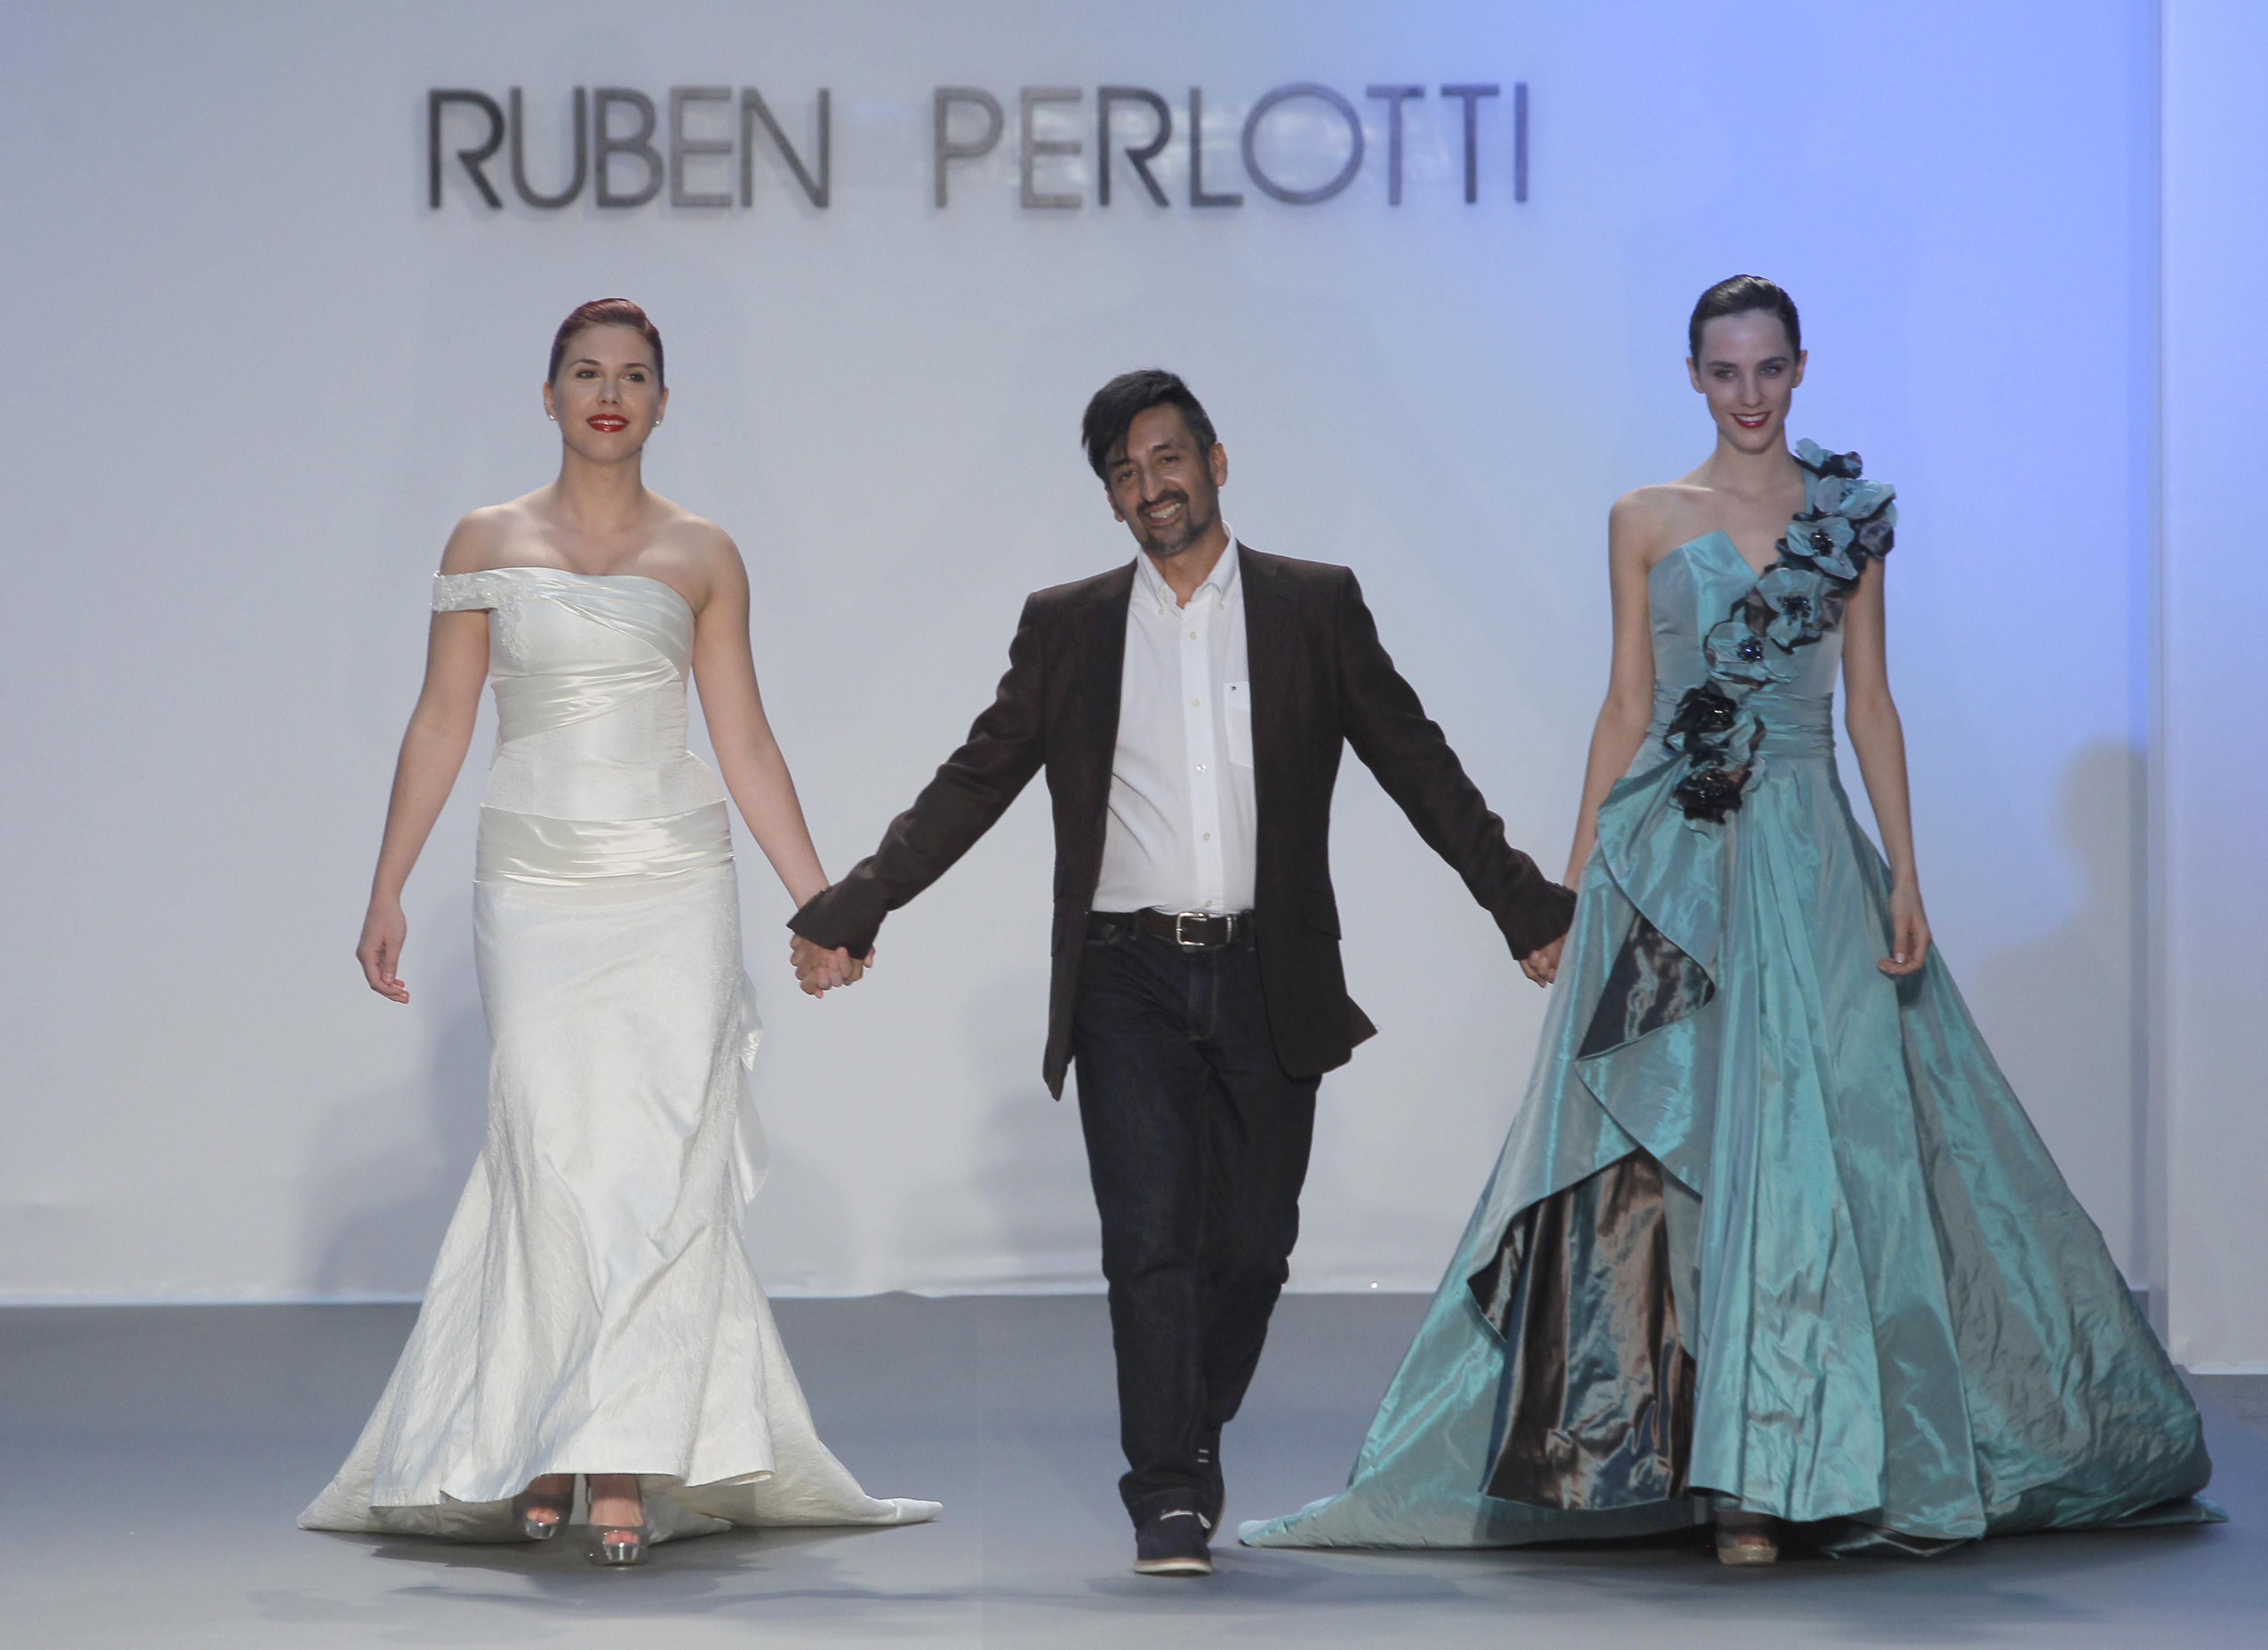 RubenPerlotti_164